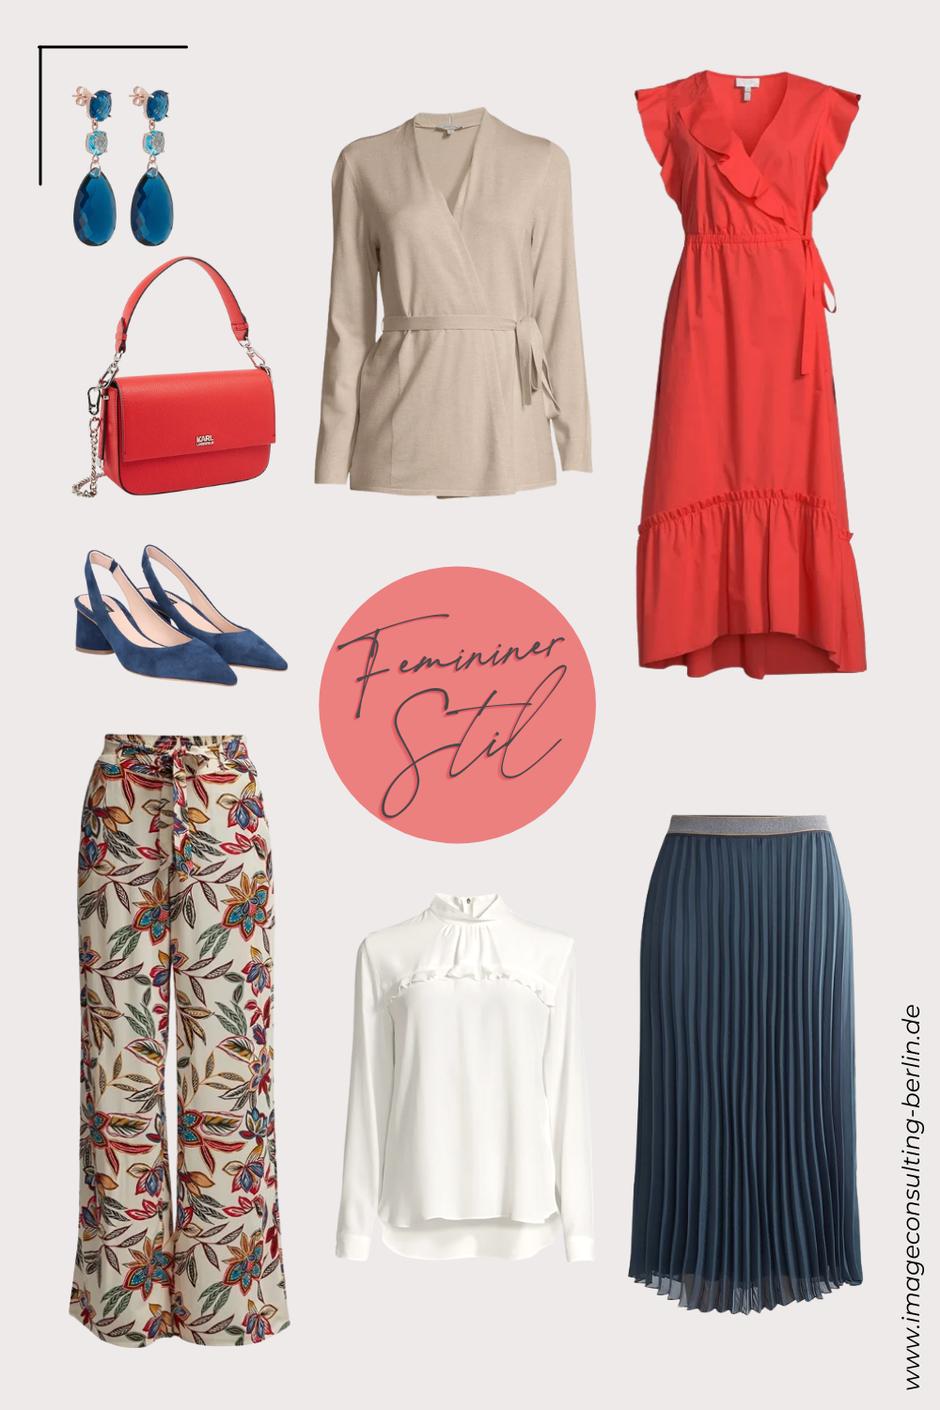 Stilberatung für die Capsule Wardrobe feminin romantischer Stil: Kleider, Röcke, fließende Blusen, florale Prints, Ballerinas, verspielter Schmuck